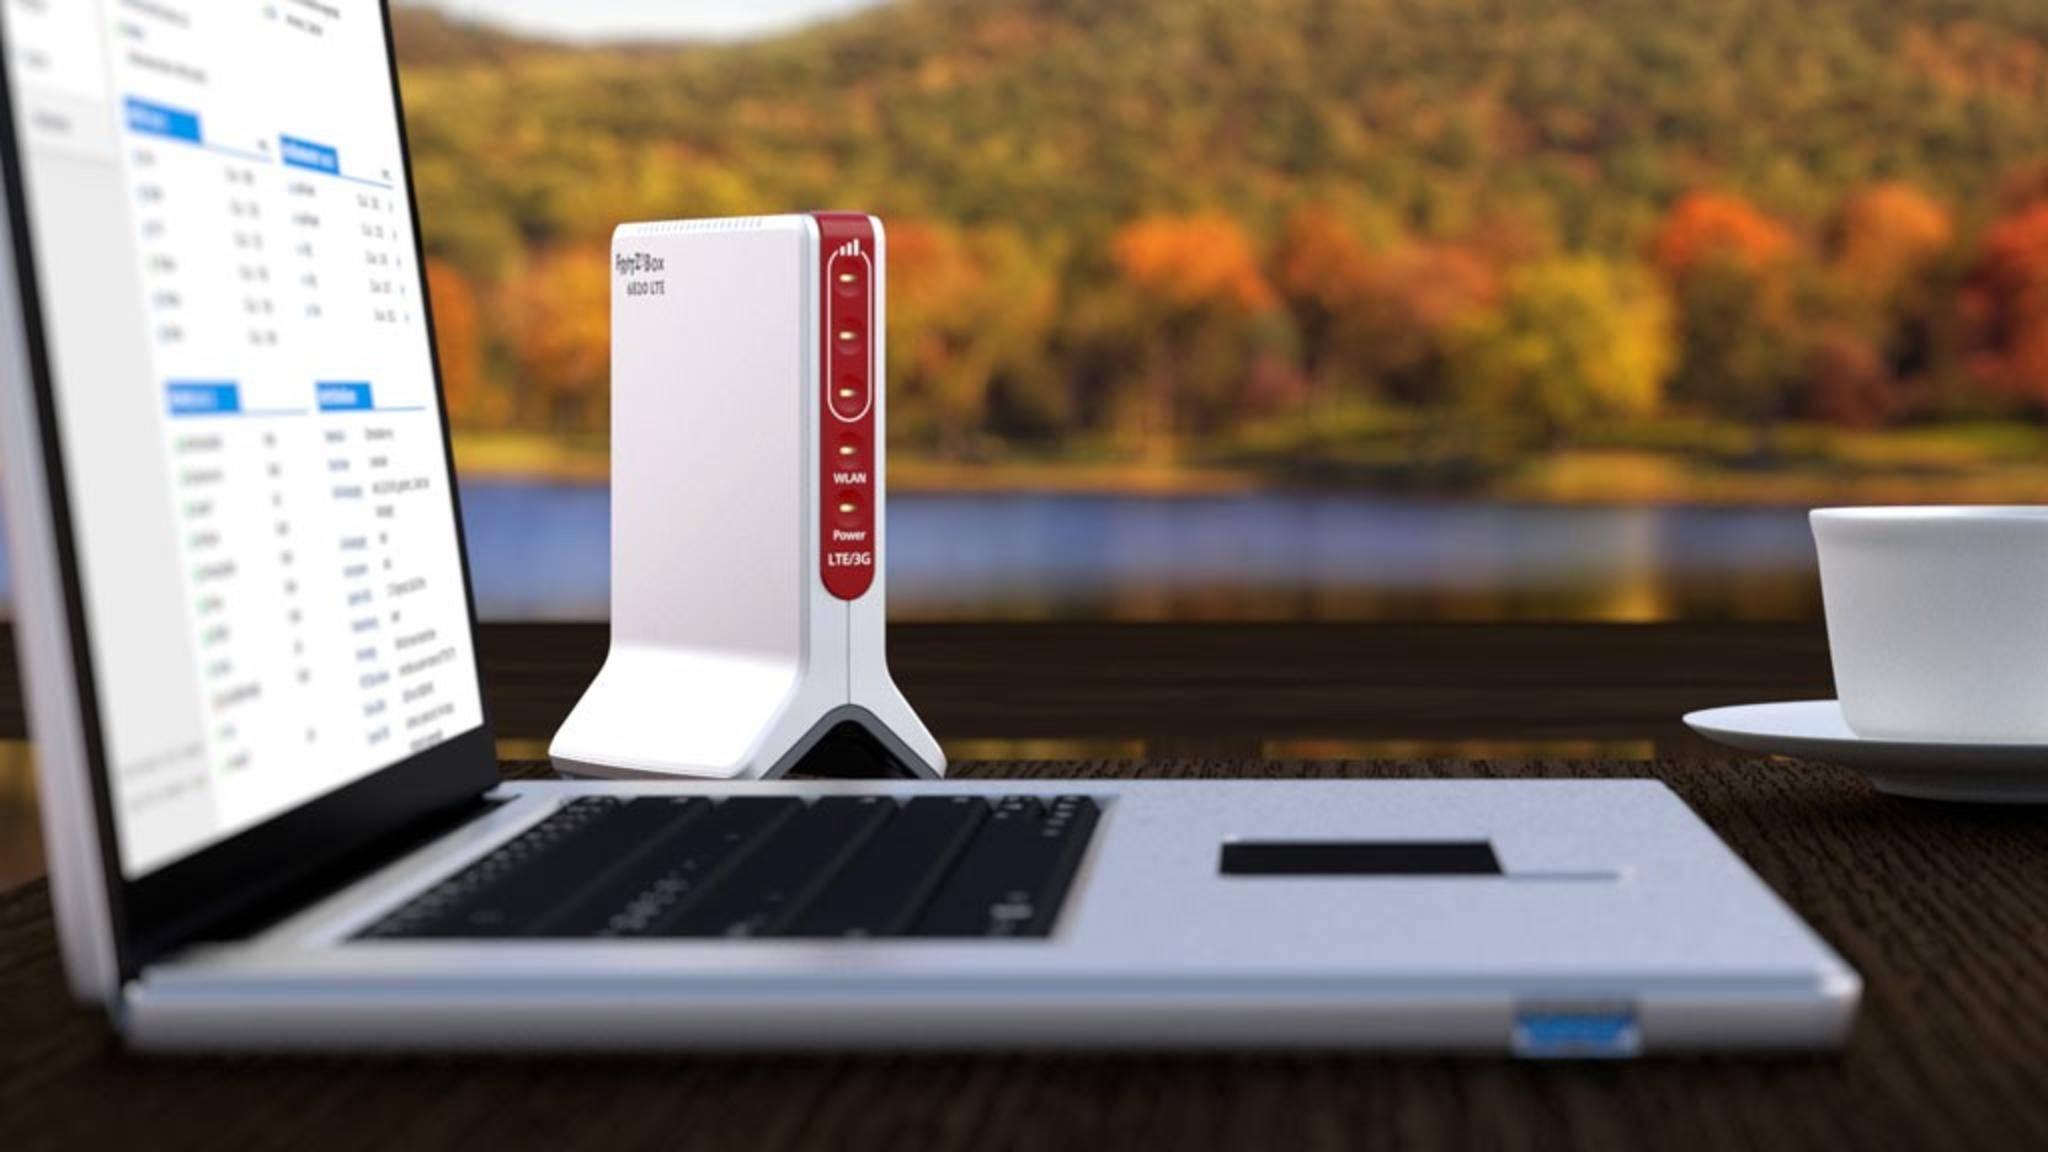 Ohne ein optimiertes und gut funktionierendes WLAN-Netzwerk ist auch das LG G6 hilflos.